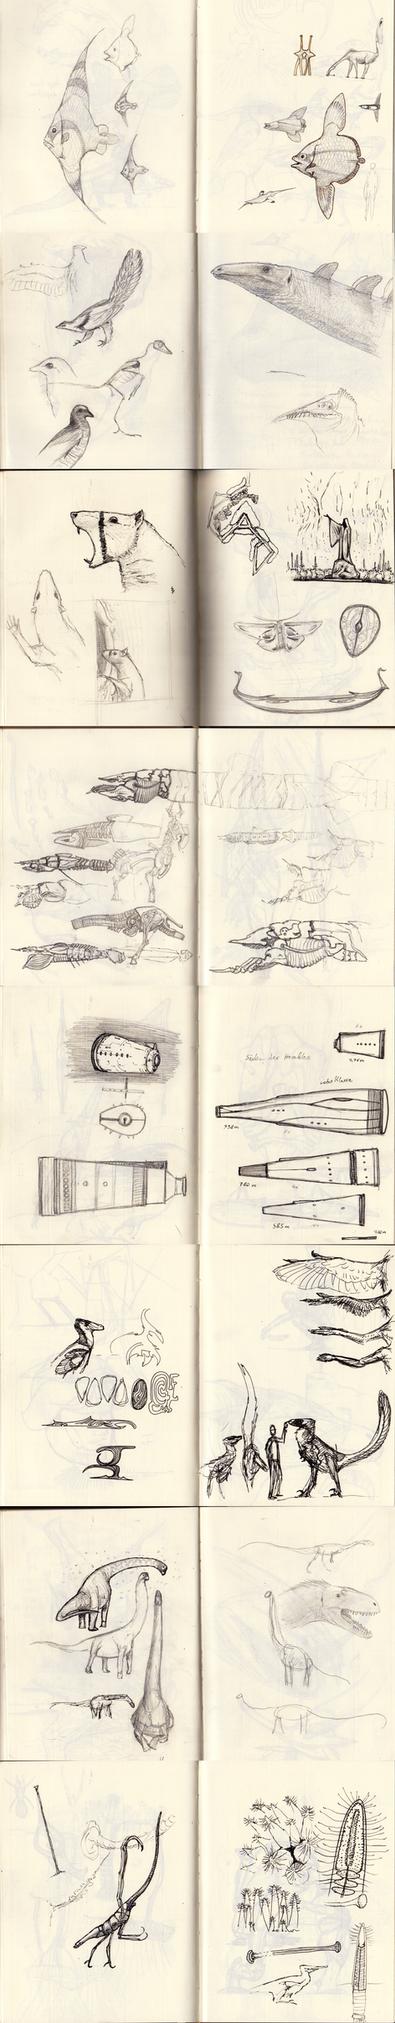 Sketchbook 23 by Hyrotrioskjan